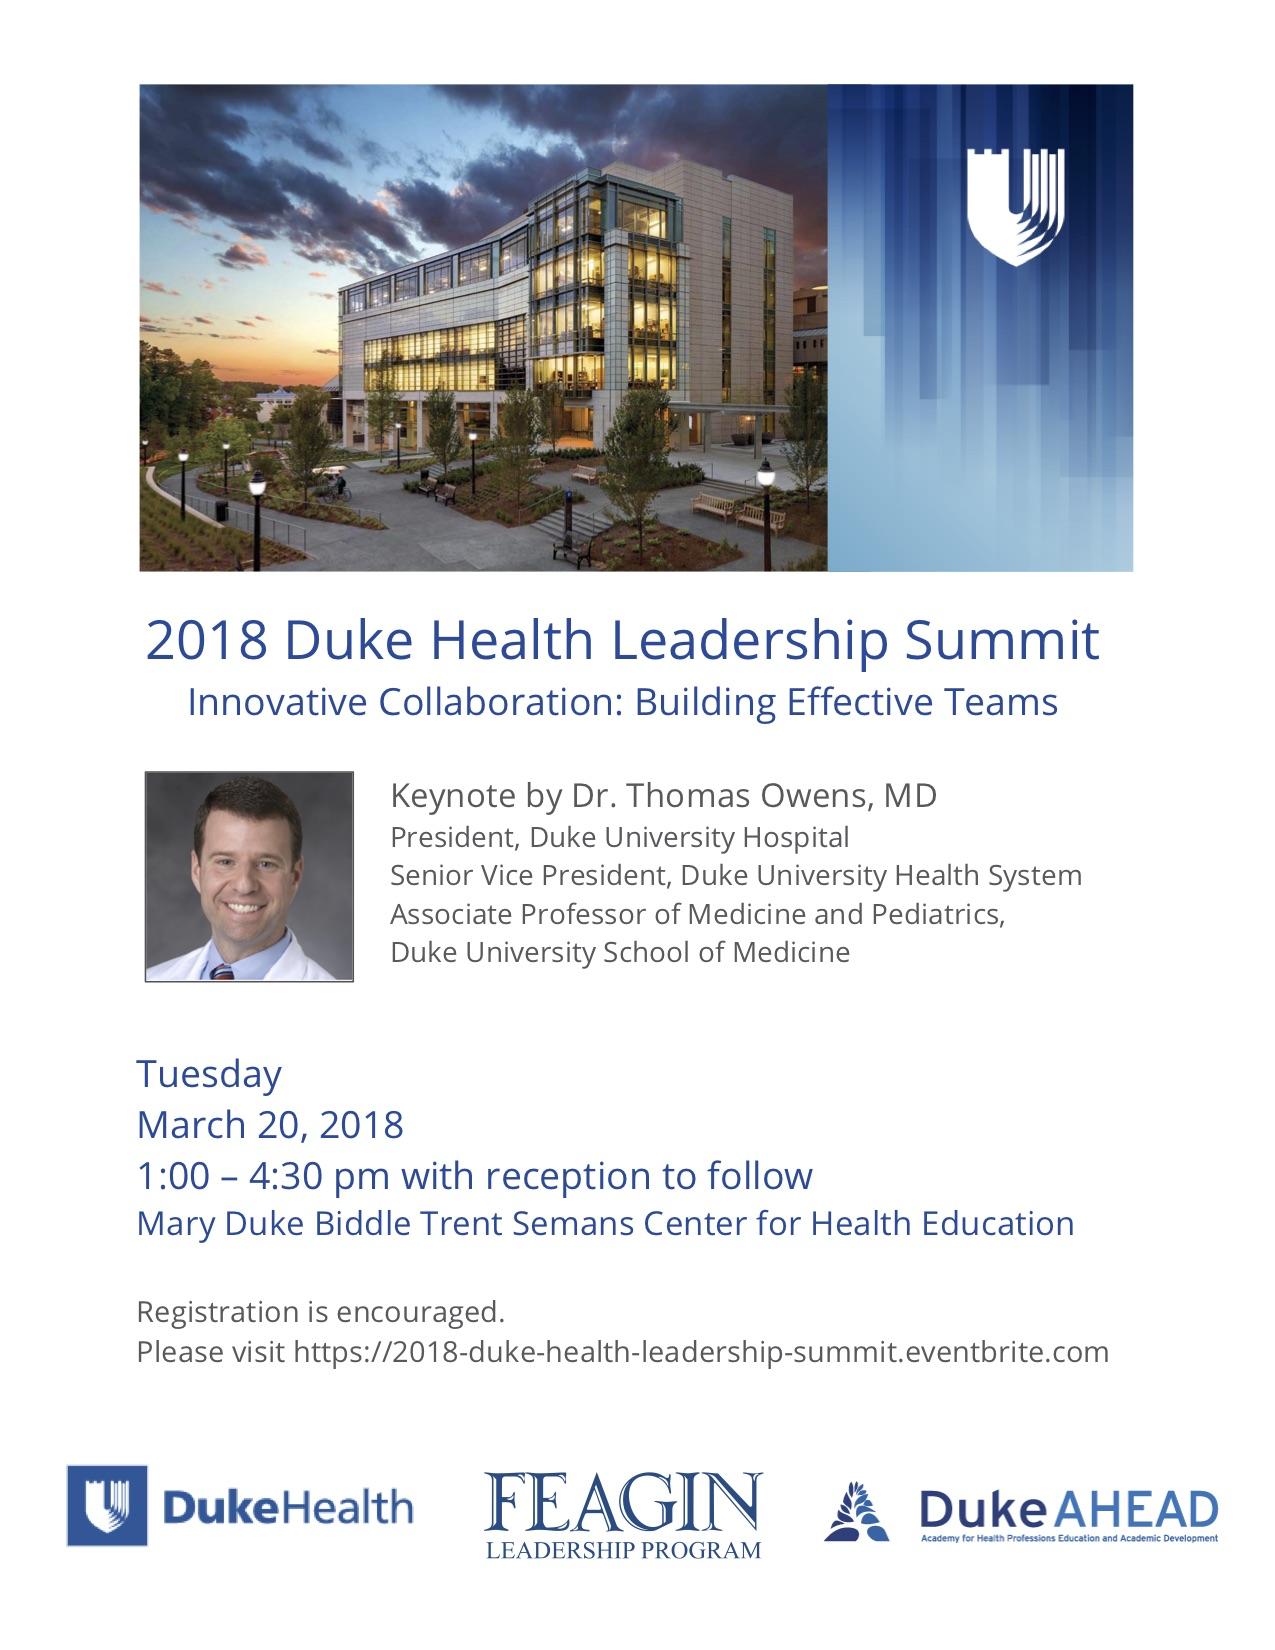 2018 Duke Health Leadership Summit3.jpg